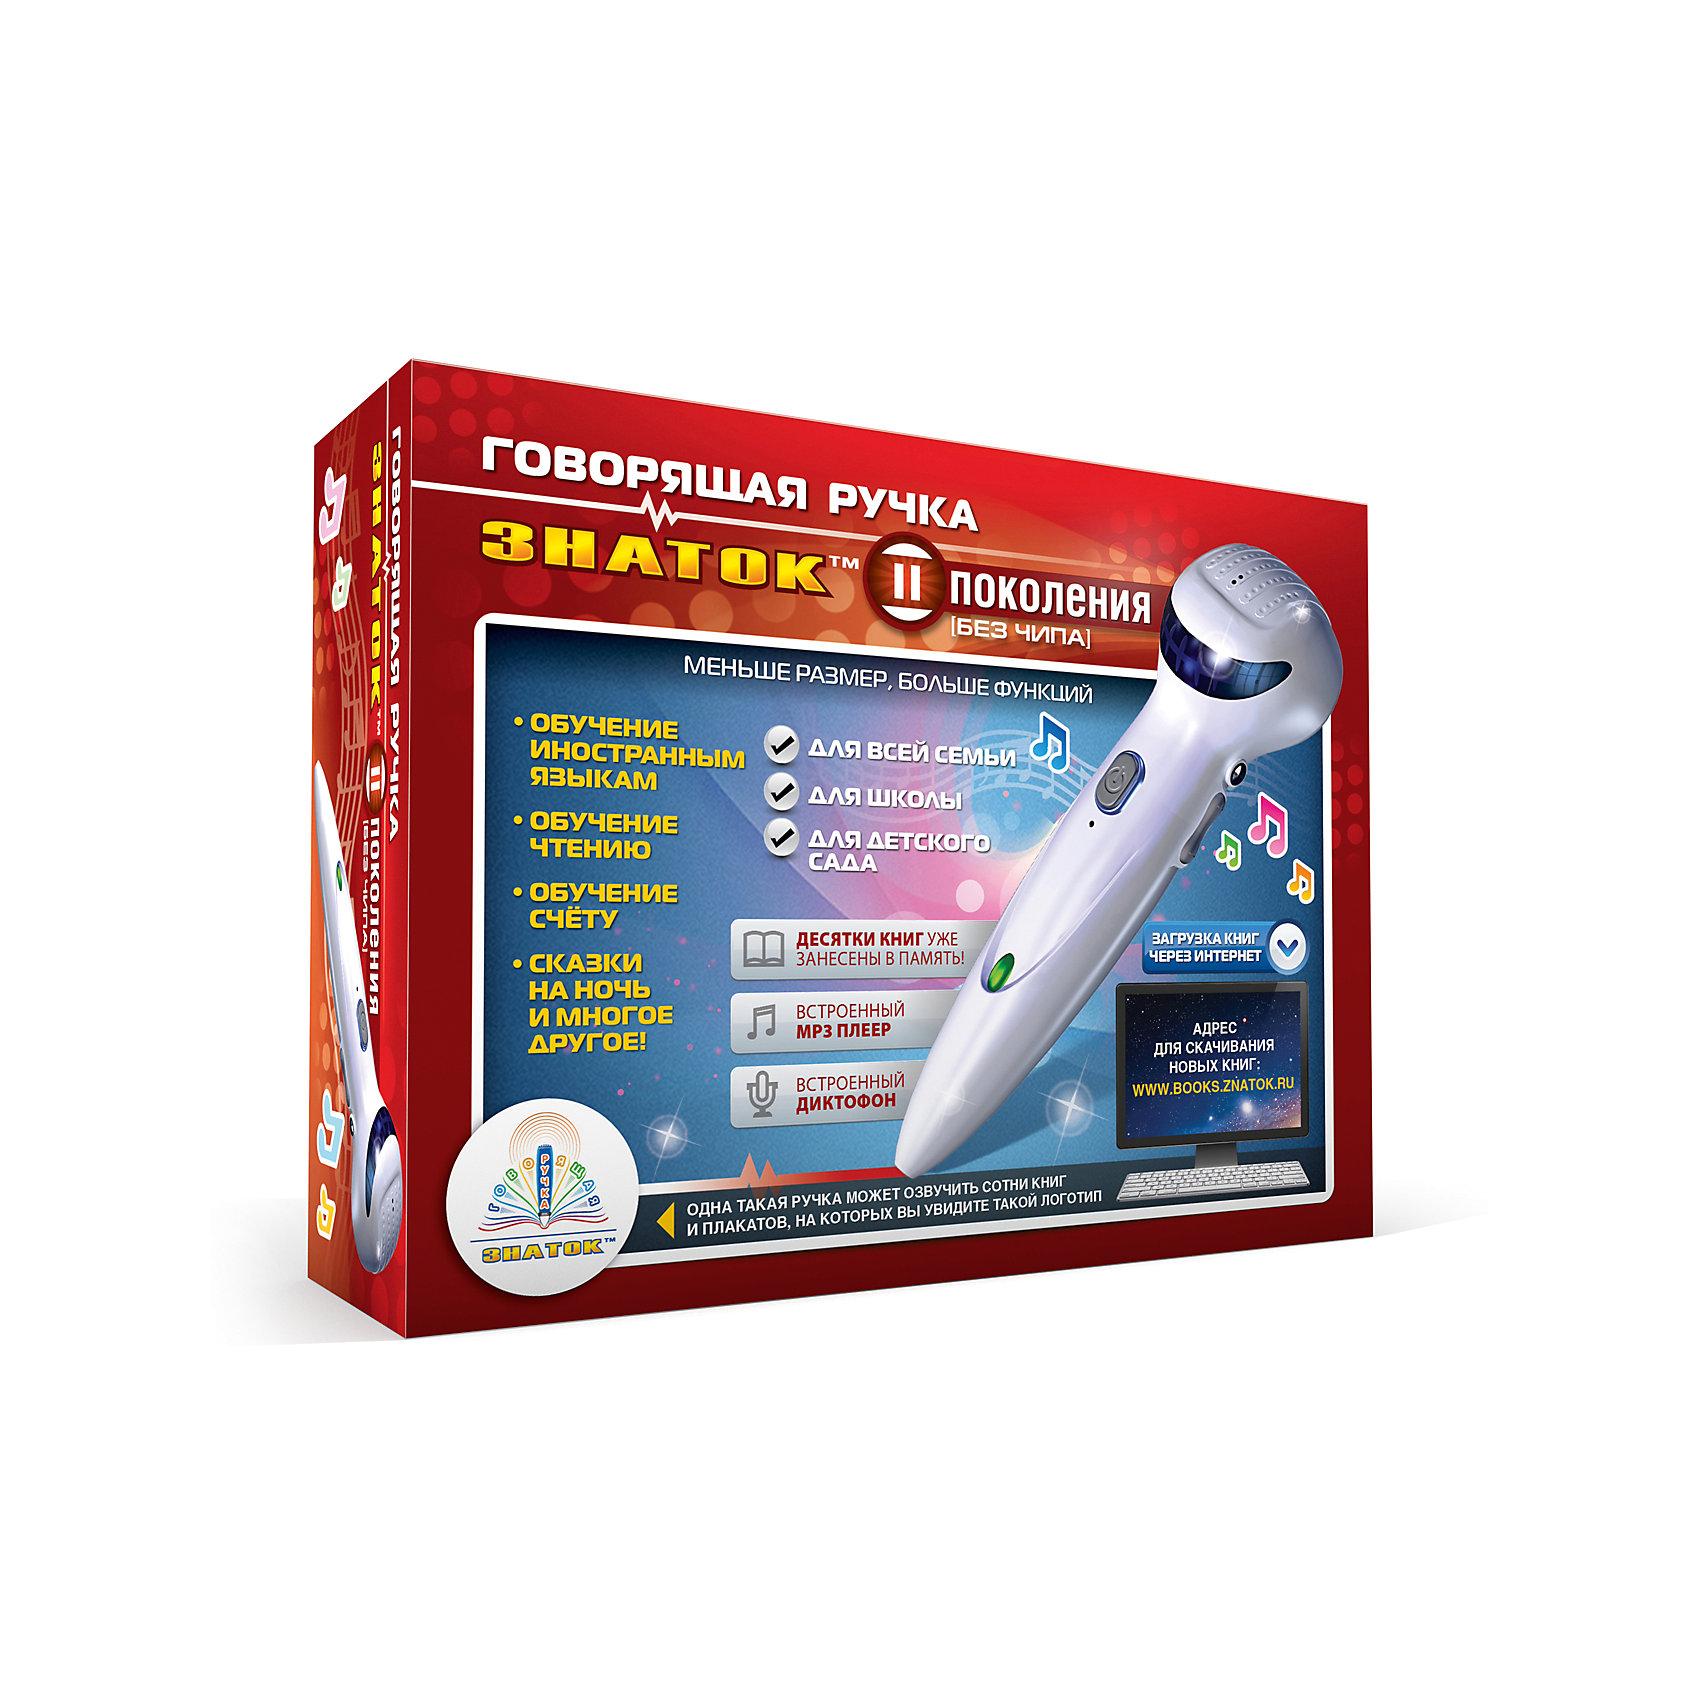 Ручка электронная говорящая (2-го поколения) с зарядным устройством и шнуром USBГоворящие ручки с книгами<br>Ручка электронная говорящая (2-го поколения) с зарядным устройством и шнуром USB, Знаток<br><br>Характеристики:<br><br>• встроенные обучающие пособия<br>• функция диктофона<br>• встроенная память от 2 Гб<br>• можно использовать как МР3-плеер<br>• совместима со всеми учебными пособиями Знаток<br>• разъем для наушников и USB-разъем<br>• индикатор зарядки<br>• в комплекте: ручка, зарядное устройство, USB-кабель, ремешок, инструкция<br>• материал: пластик, металл, текстиль<br>• длина ручки: 15 см<br>• шнур: 50 см<br>• размер упаковки: 19,5х15х6,5 см<br>• вес: 450 грамм<br><br>Уникальная говорящая ручка Знаток станет лучшим помощником в обучении ребенка. С ее помощью ваш малыш сможет научиться читать, считать, изучит иностранные языки и многое другое. Ручку можно использовать как диктофон, MP3-плеер и считывающее устройство для книг компании Знаток. Кроме того, ручка сама даст ребенку различные упражнения для выполнения. Встроенная память более 2 Гб. Это позволит скачать необходимые обучающие пособия для развития ребенка. Также вы сможете сами озвучить книгу своим голосом. Ручка имеет 2 разъема: для наушников, для зарядного устройства и USB-кабеля. С этой ручкой ваш малыш с радостью будет получать новые знания!<br><br>Ручку электронную говорящую (2-го поколения) с зарядным устройством и шнуром USB, Знаток вы можете купить в нашем интернет-магазине.<br><br>Ширина мм: 310<br>Глубина мм: 100<br>Высота мм: 225<br>Вес г: 500<br>Возраст от месяцев: 36<br>Возраст до месяцев: 84<br>Пол: Унисекс<br>Возраст: Детский<br>SKU: 3341087